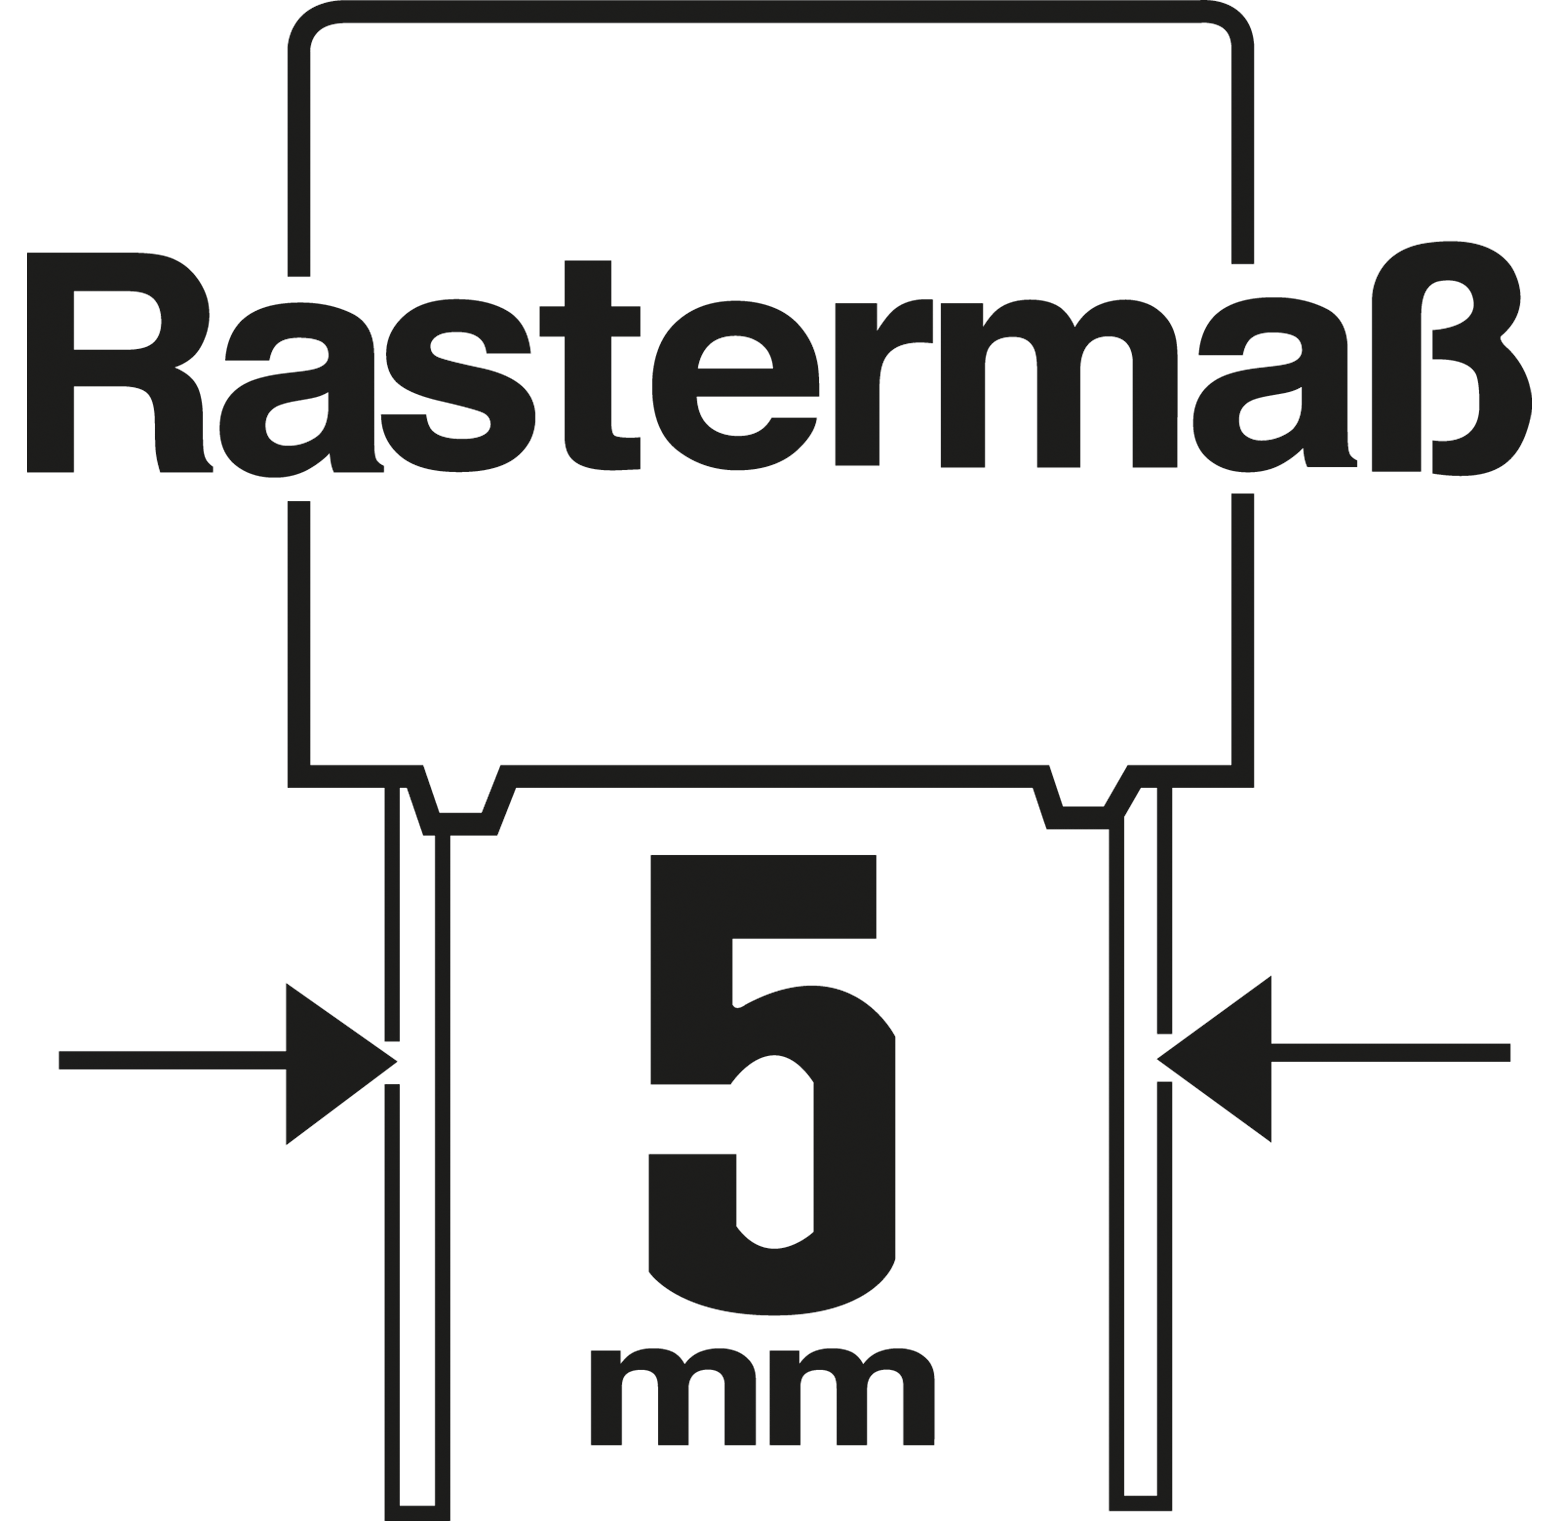 https://cdn-reichelt.de/bilder/web/xxl_ws/B300/RASTER-5.png